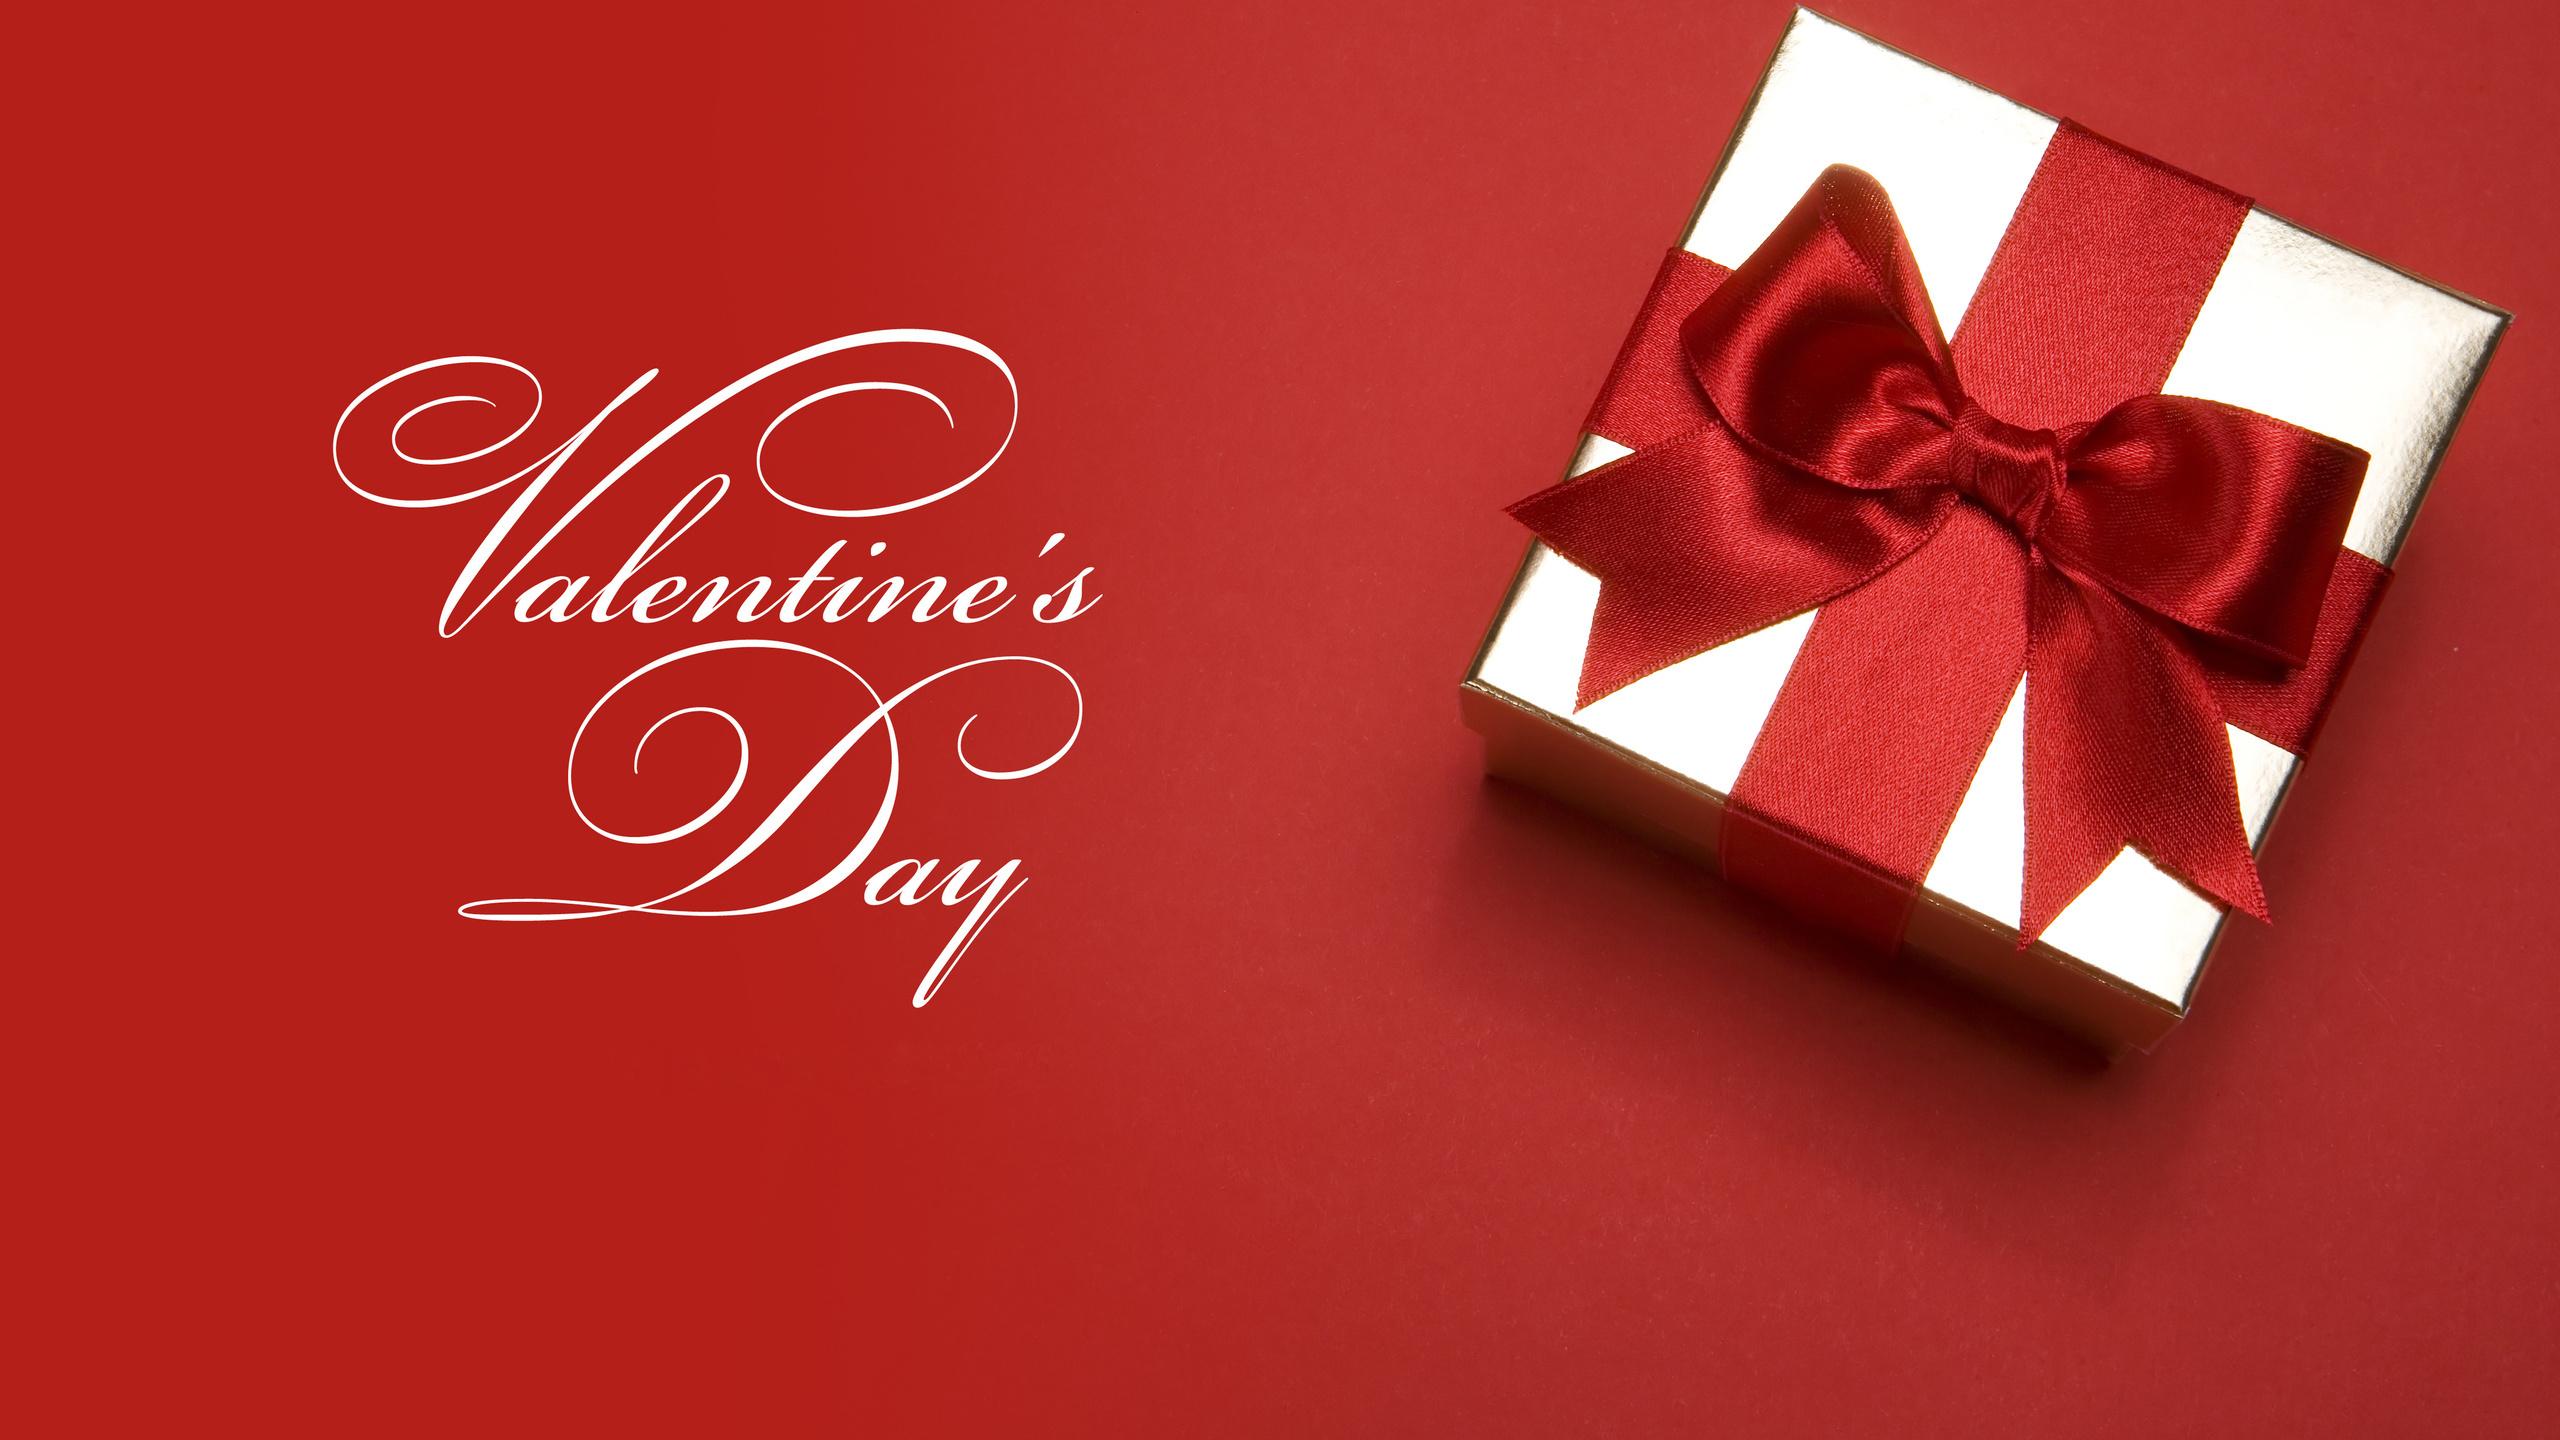 Valentine's Day Computer Wallpaper